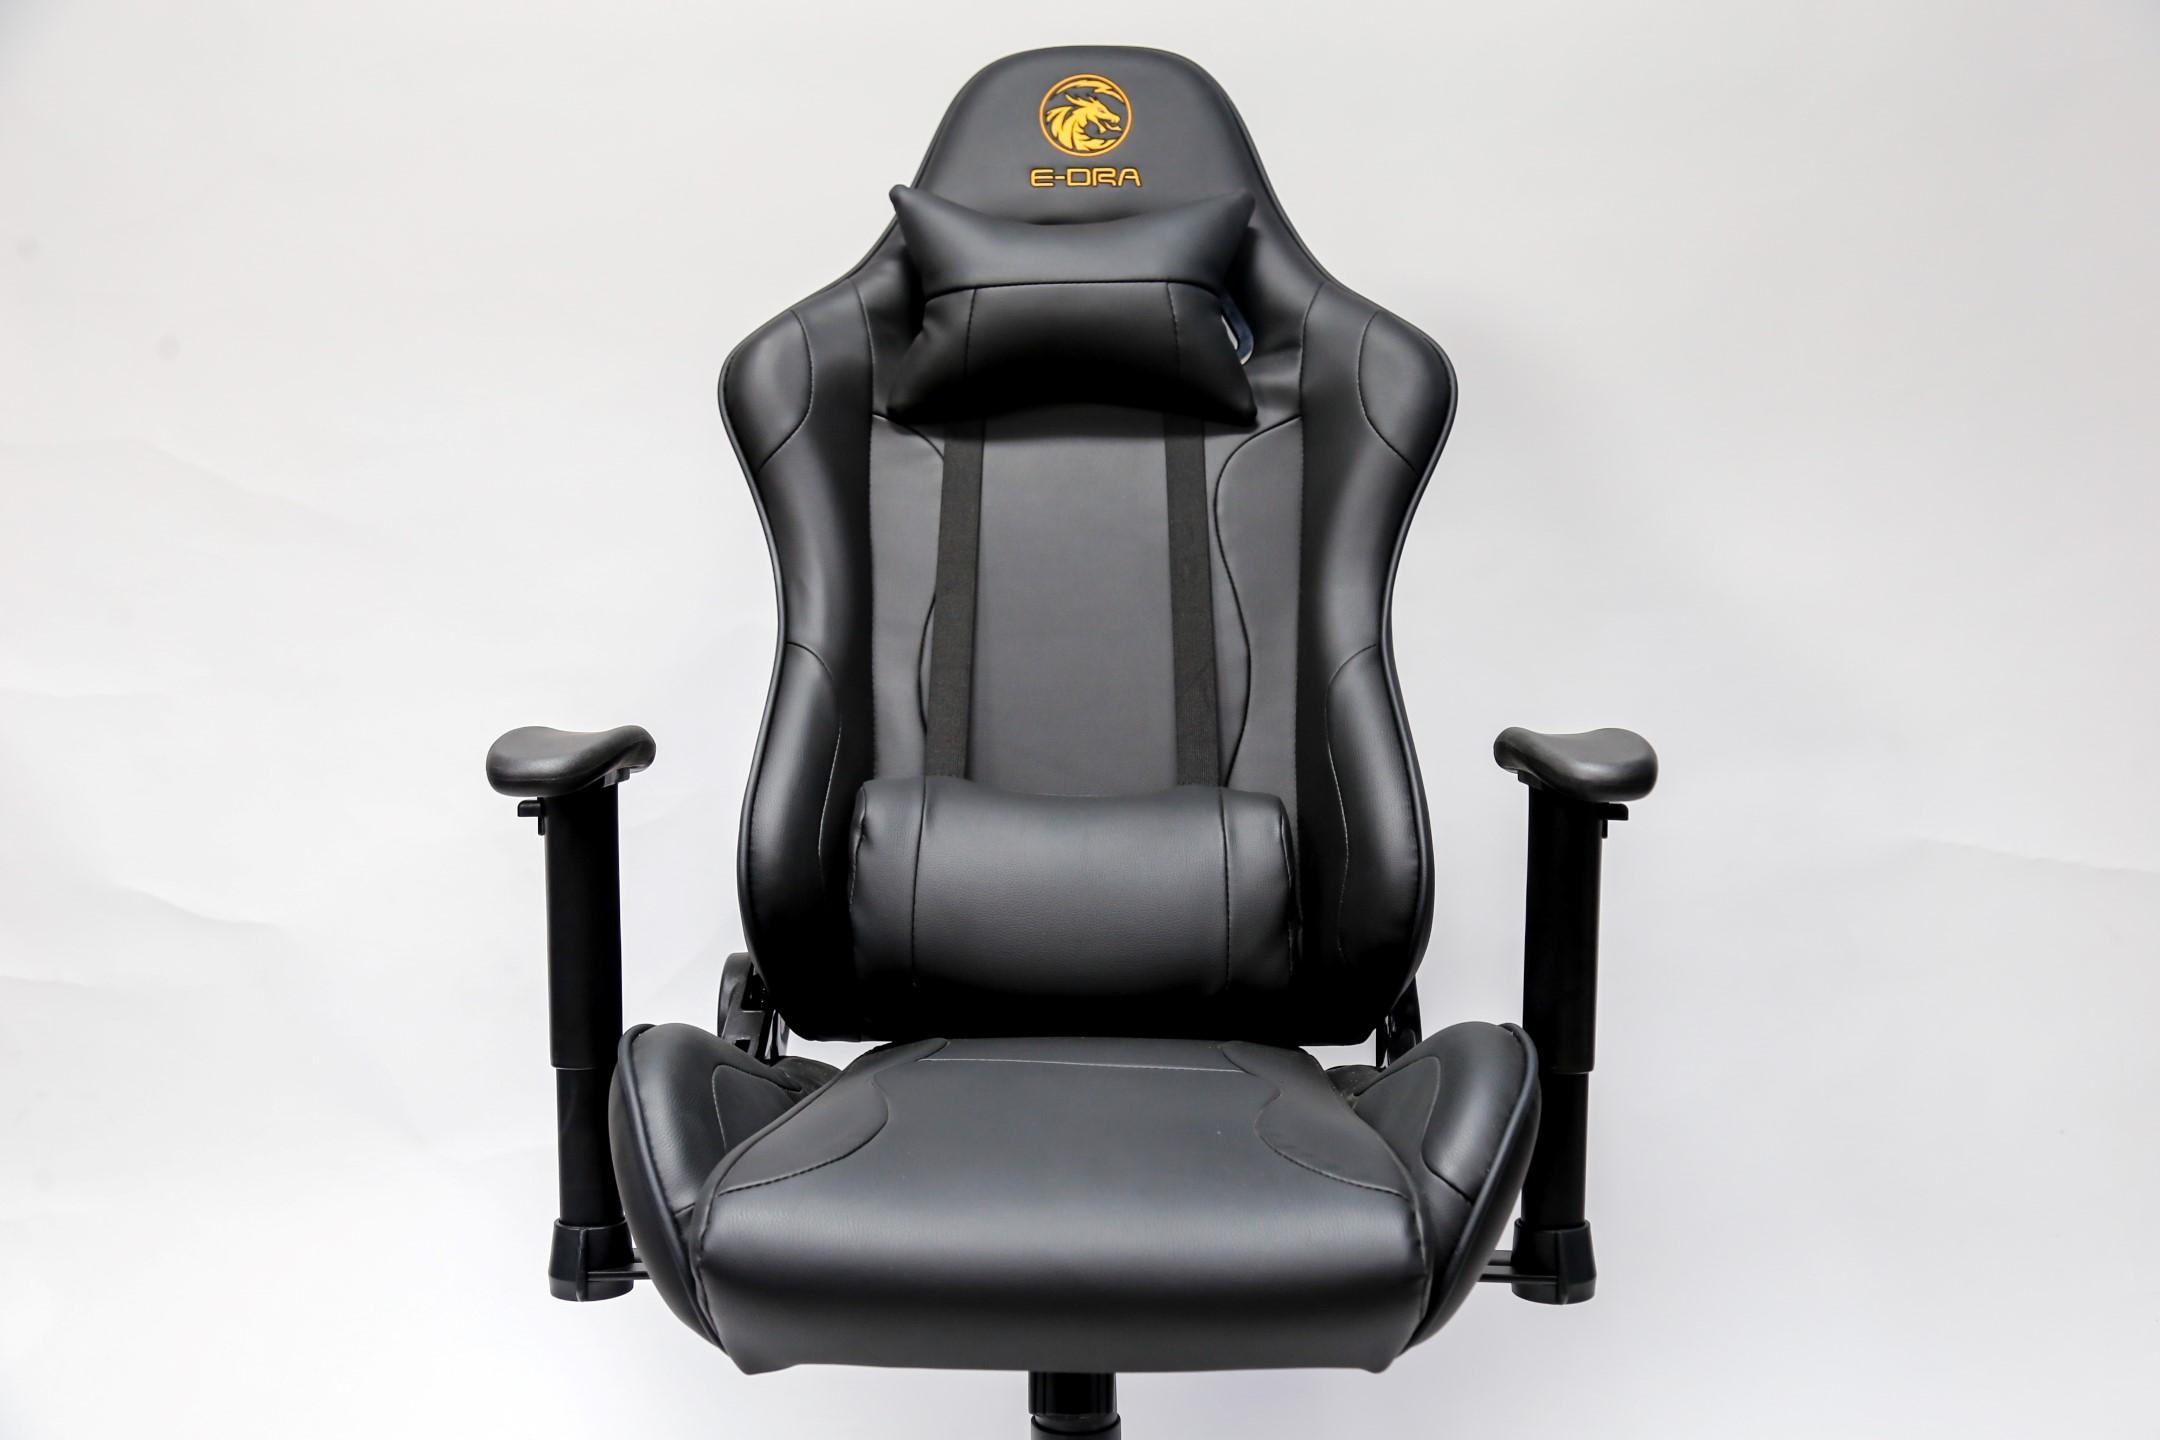 Ghế Gaming E-Dra Mars EGC202 White  trang bị chân ghế chắc chắn